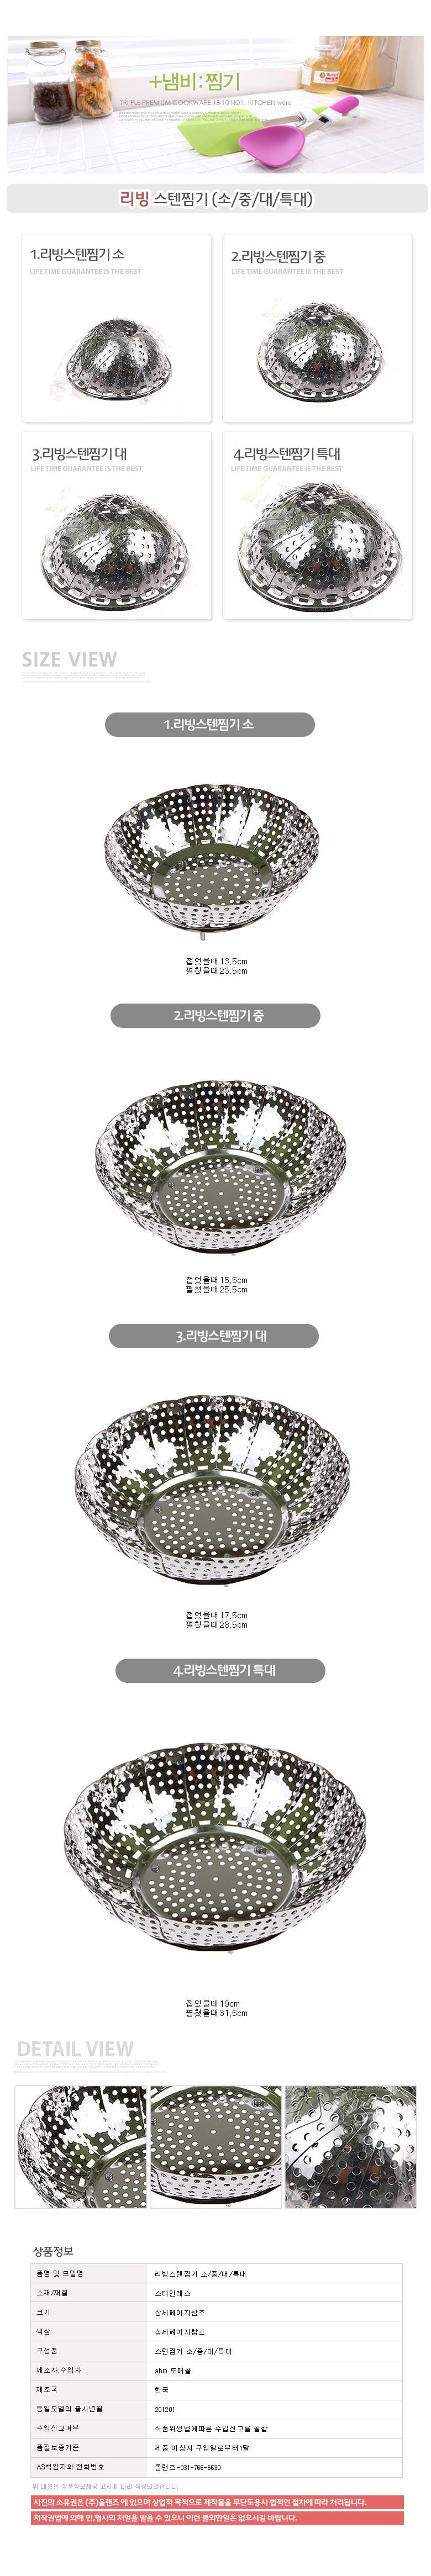 실속형스텐찜기 소1개 - 콕닷컴, 8,700원, 압력솥/찜기, 찜기